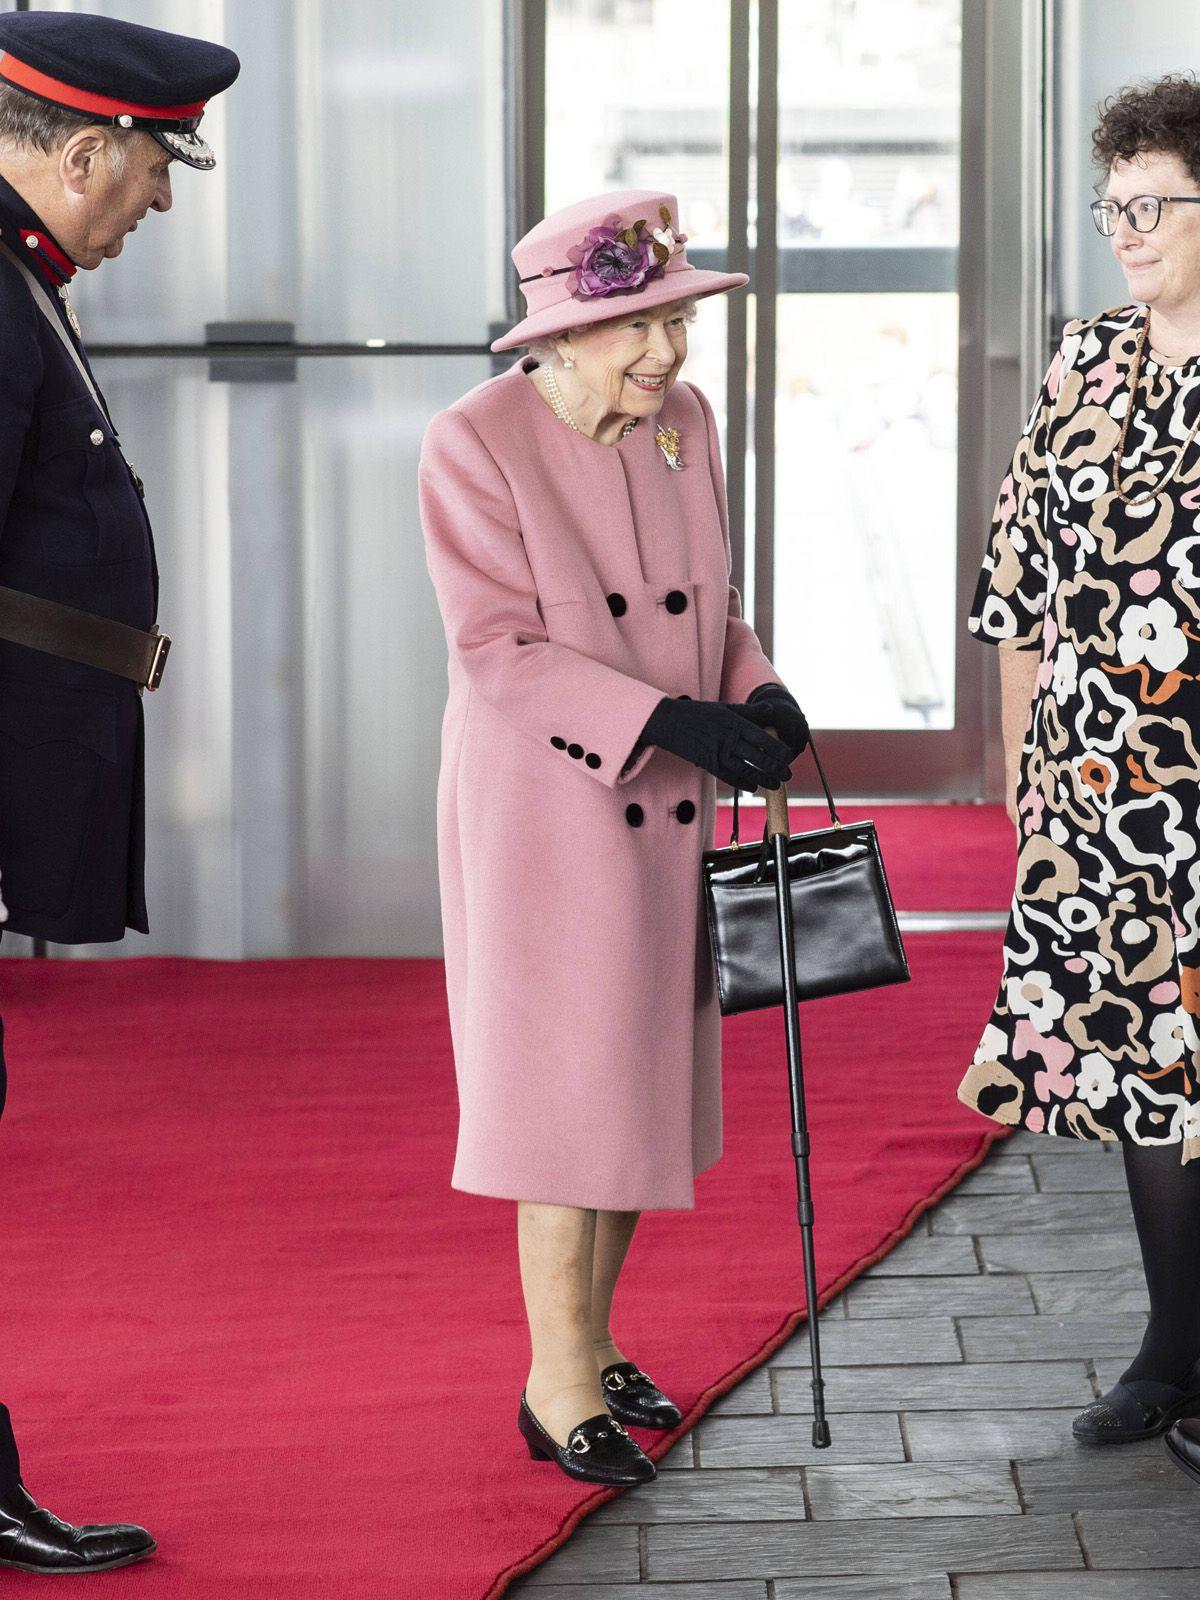 Queen mit Gehstock im Parlament